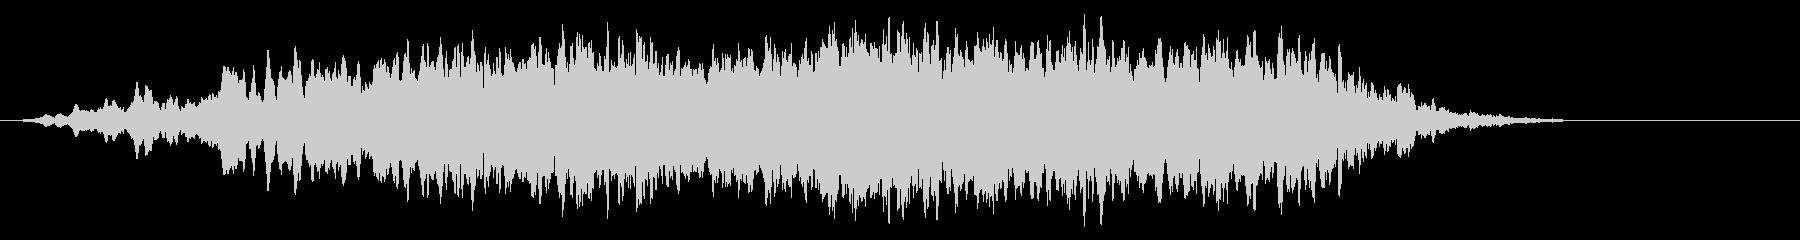 声とシンセサイザーの幻想的な環境音の未再生の波形